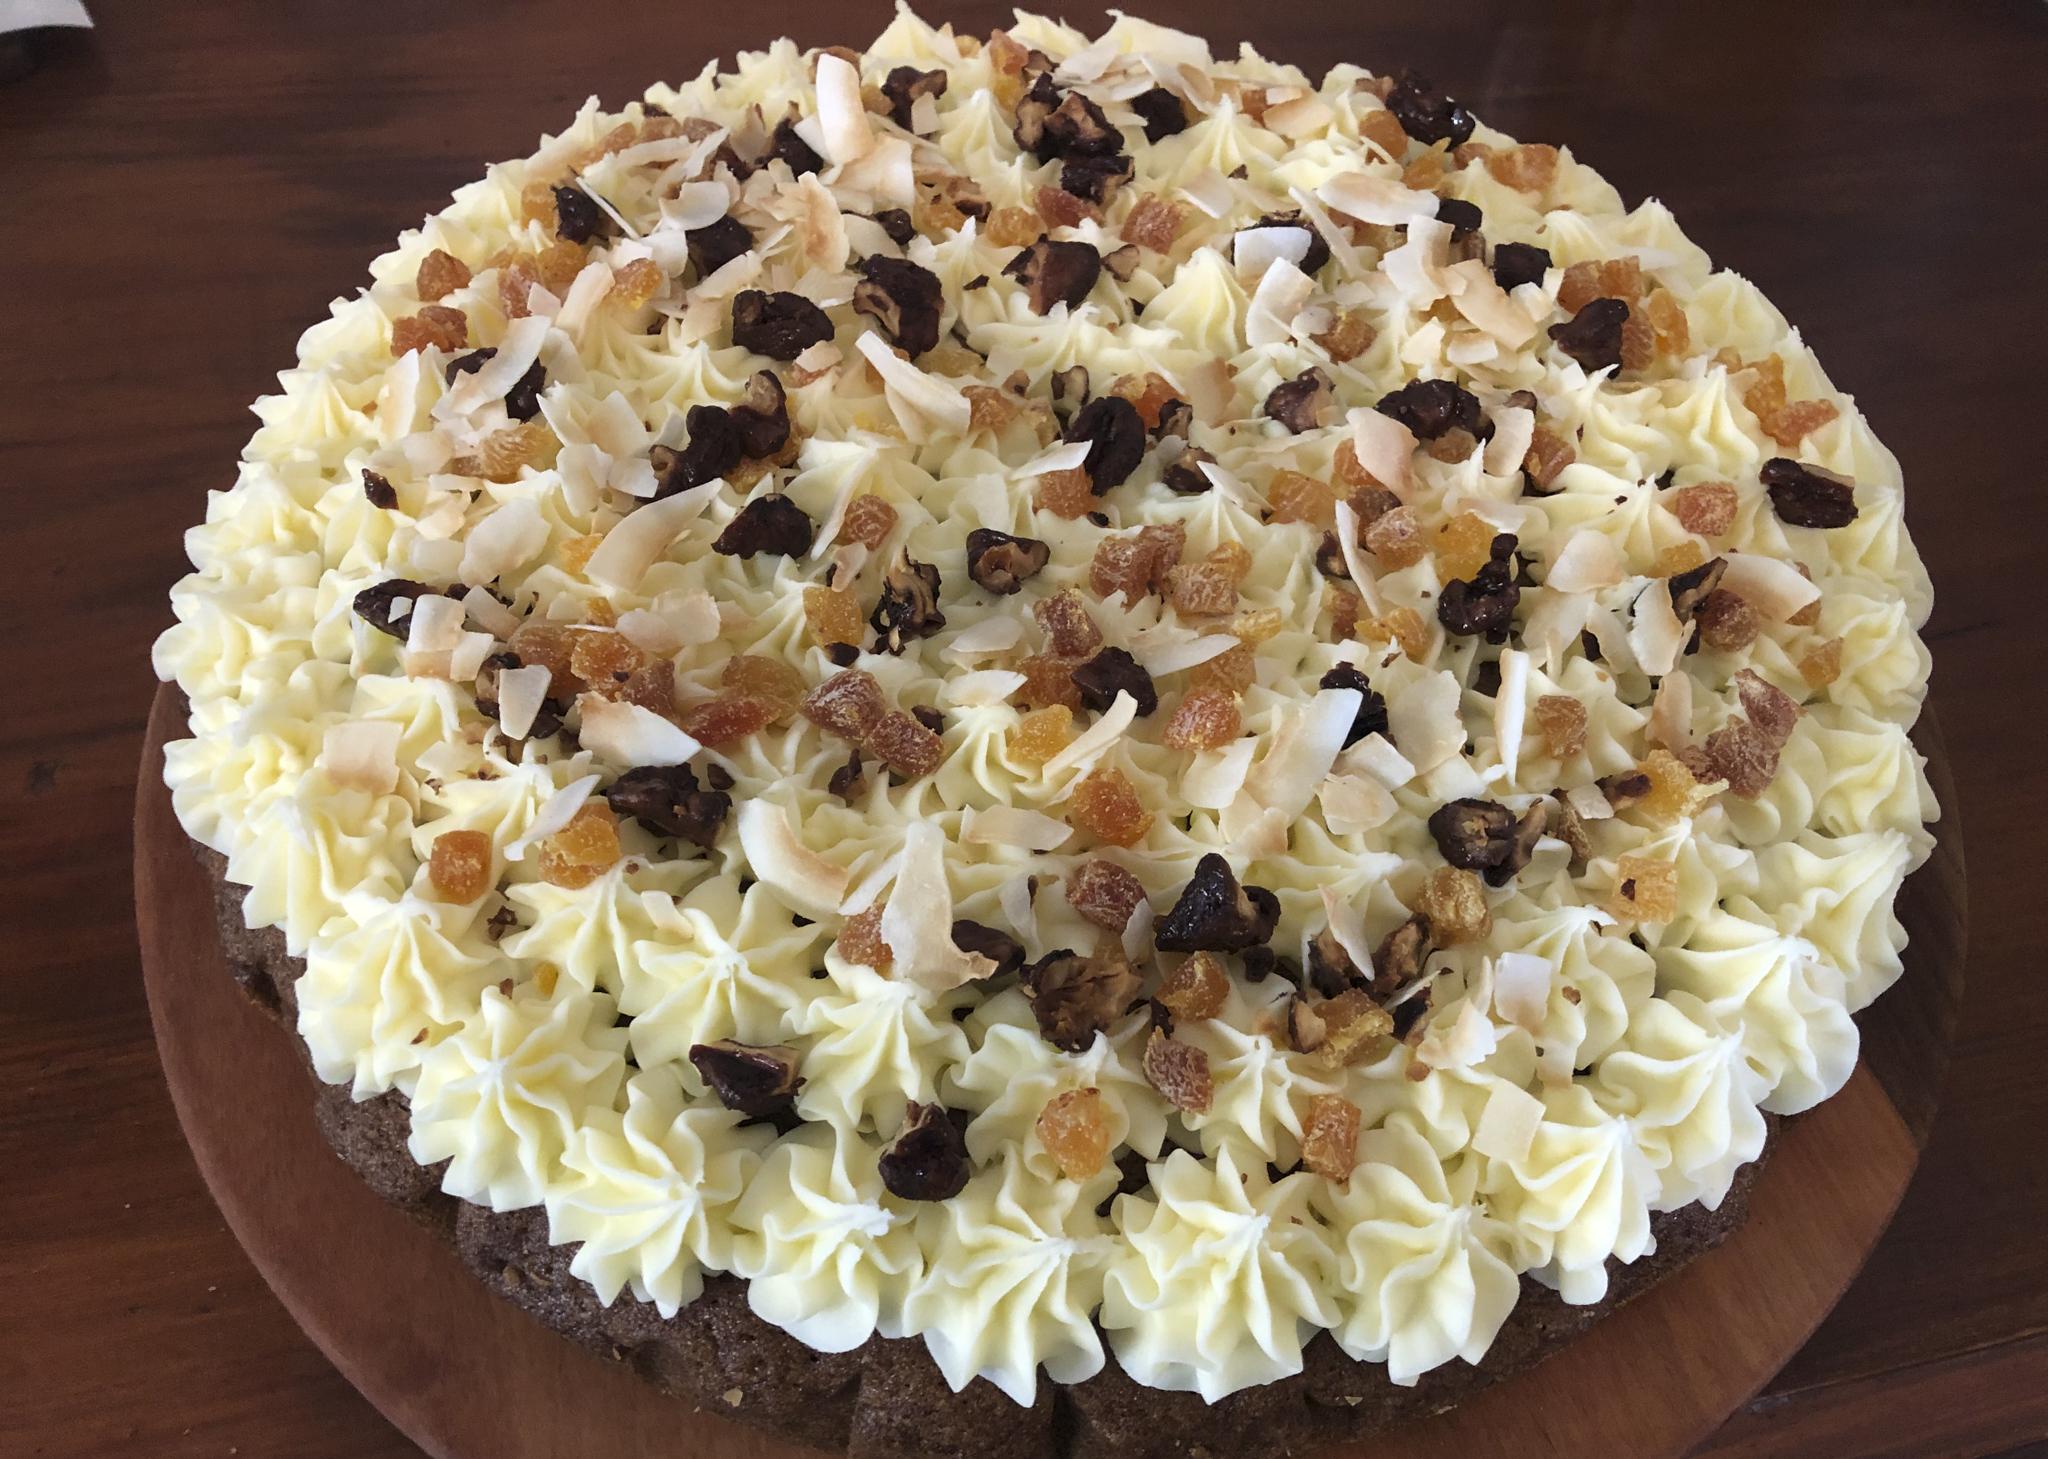 Pavalova Cake